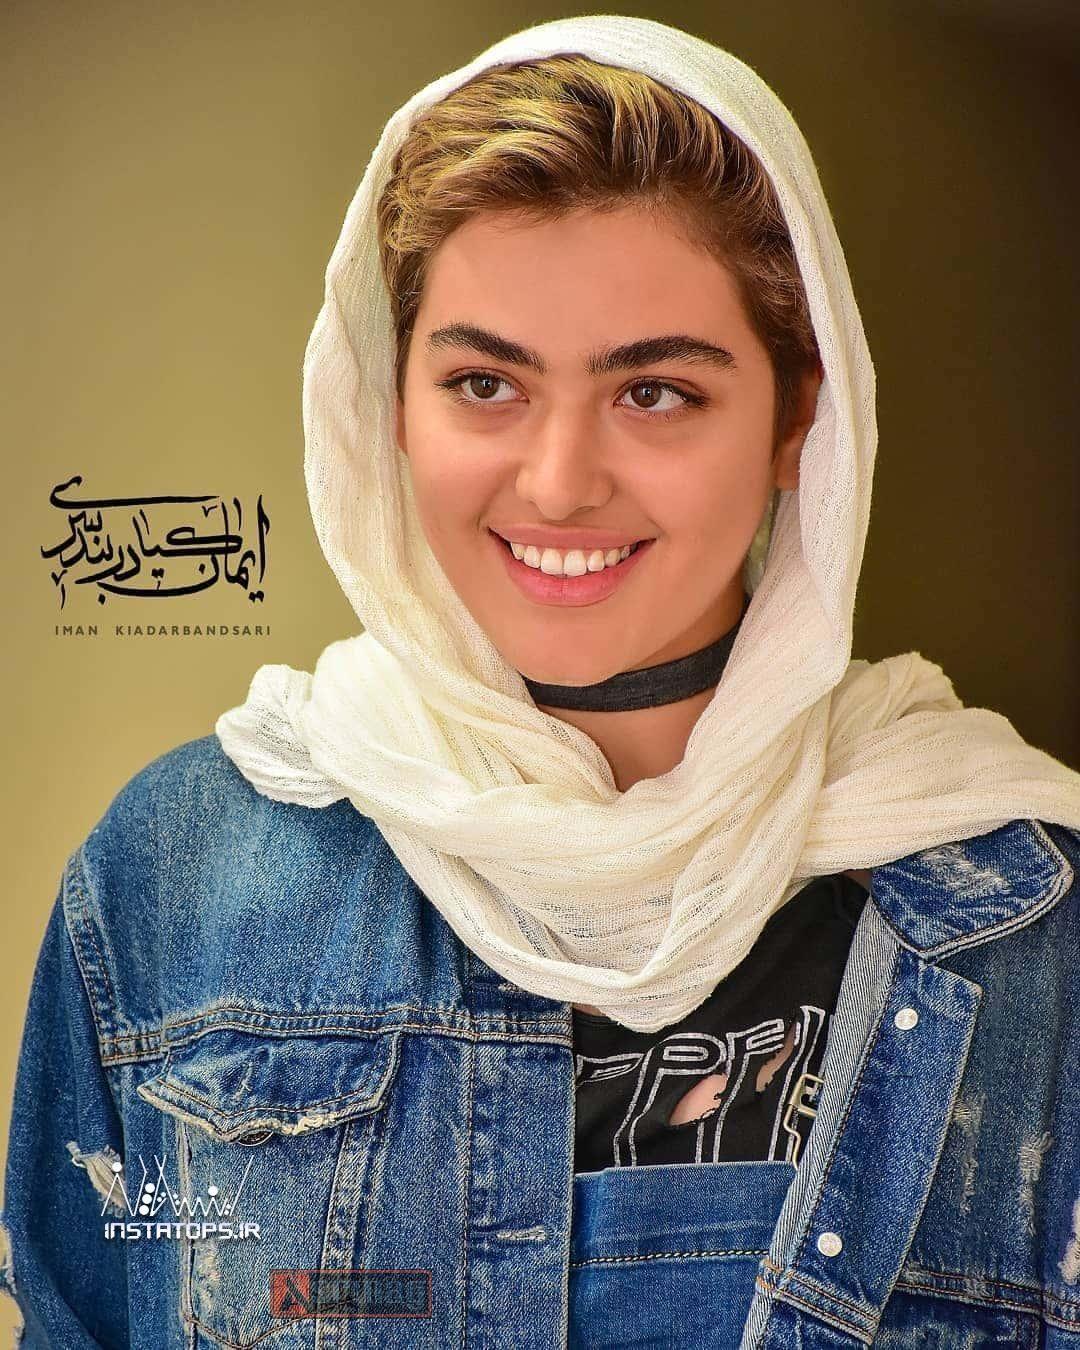 عکس های جدید مدلینگ ریحانه پارسا تابستان 98 Iranian Women Iranian Women Fashion Iranian Fashion